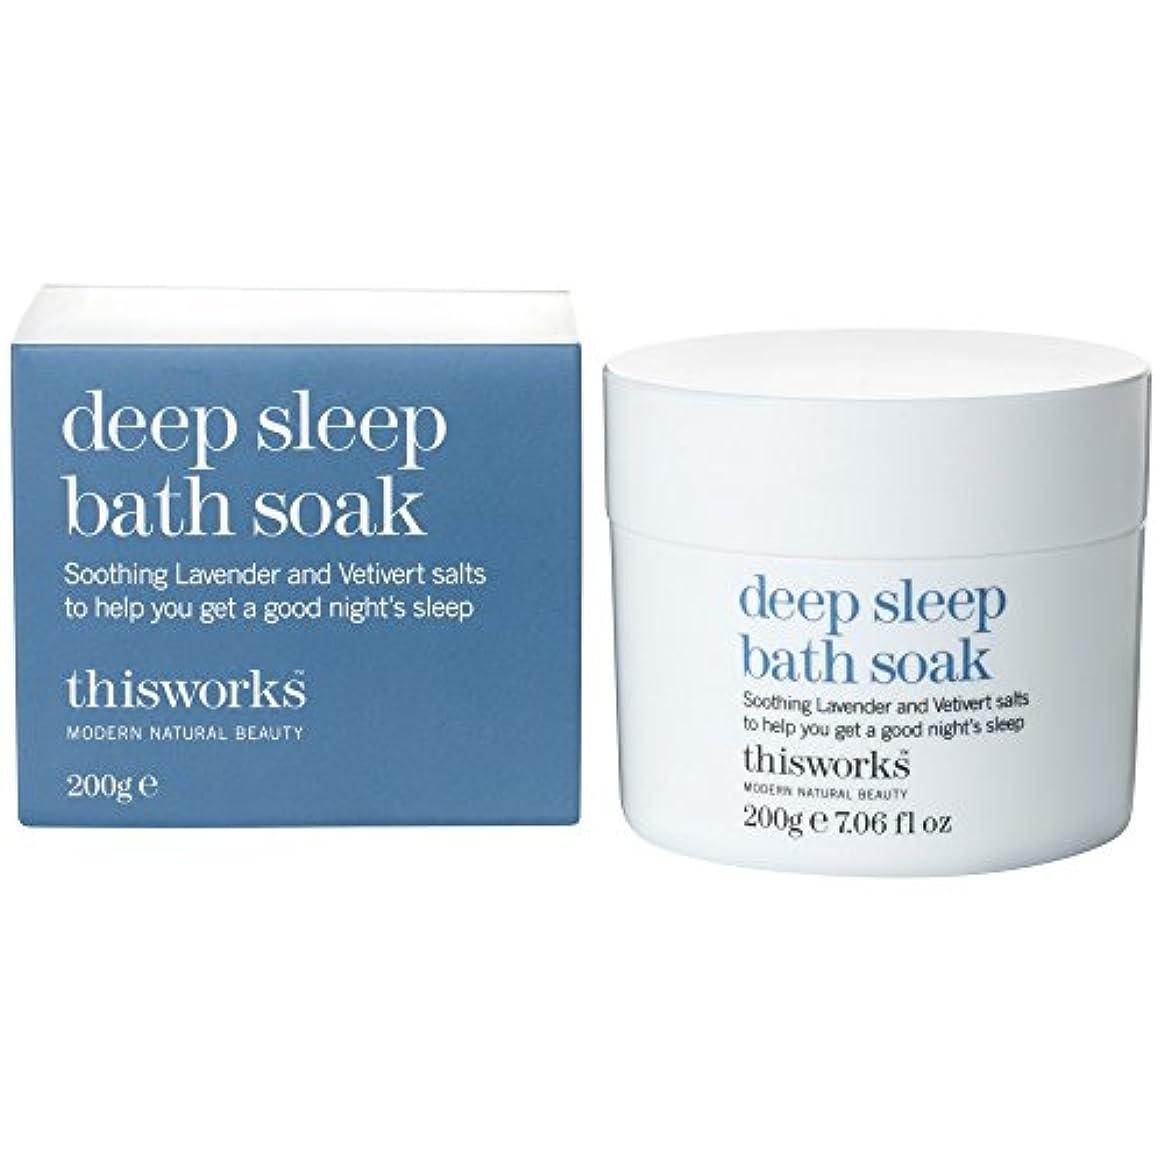 クールウィンク能力これは、深い眠り浴が200グラムを浸す働きます (This Works) - This Works Deep Sleep Bath Soak 200g [並行輸入品]